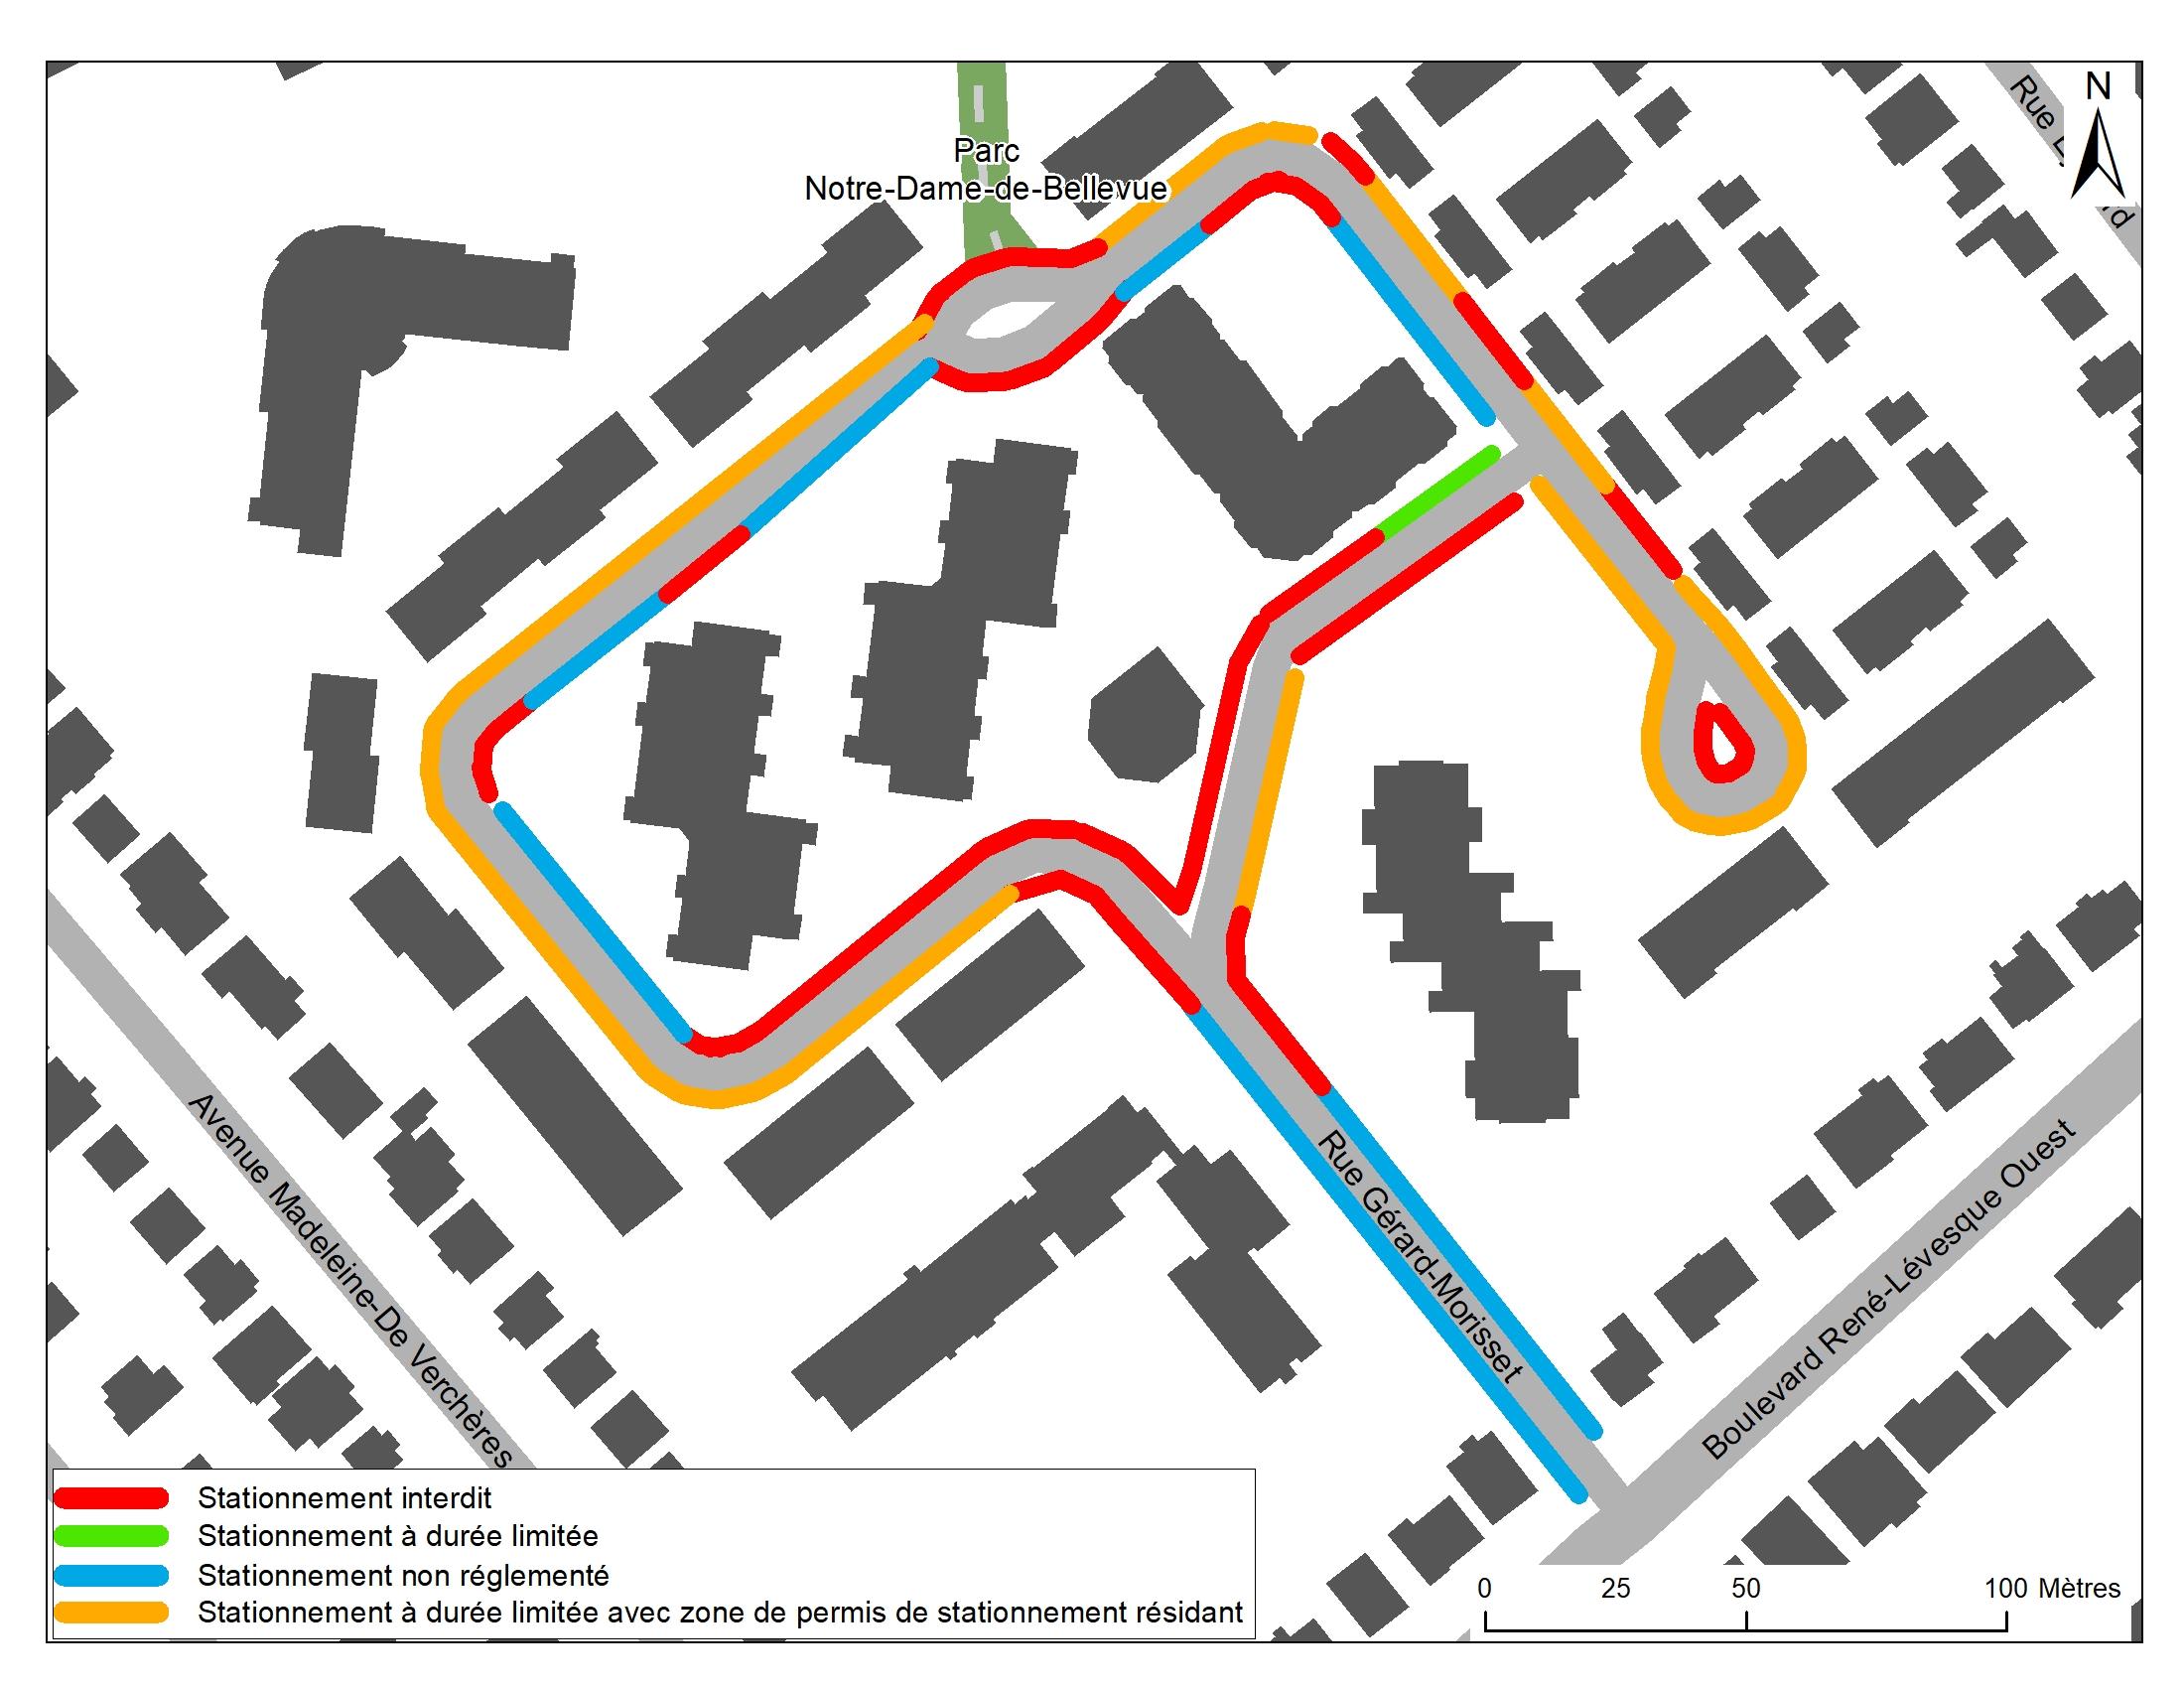 OPTION 2 : Permis de stationnement sur rue au pourtour et stationnement autorisé par endroit à l'intérieur de la boucle